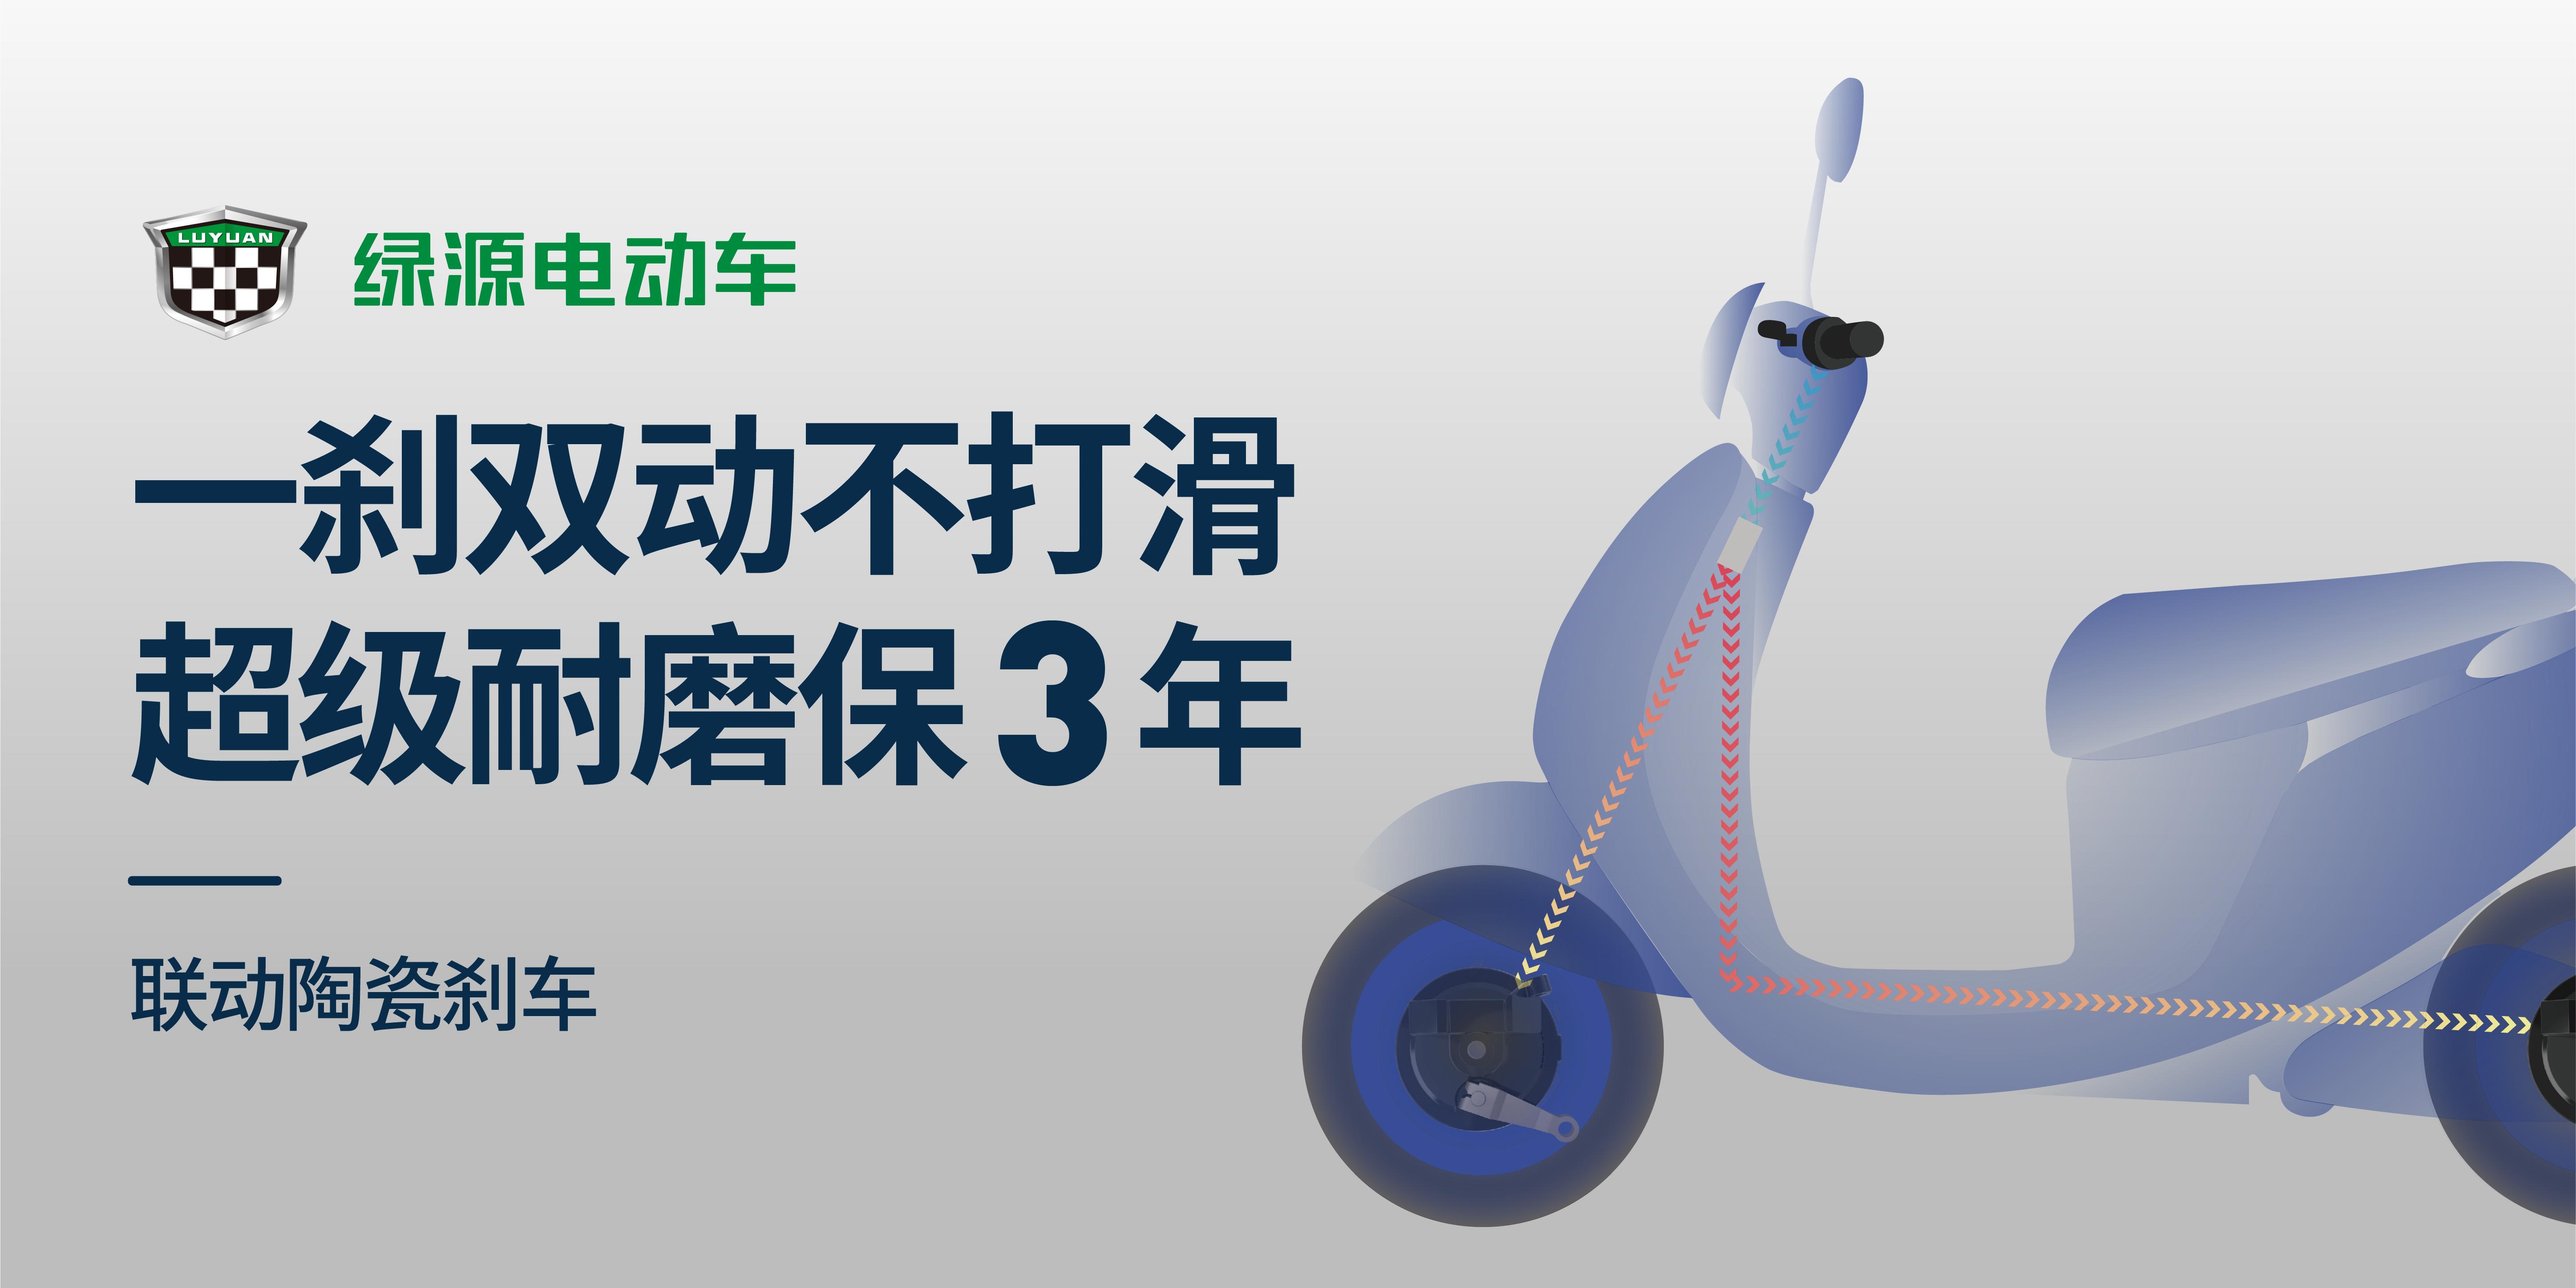 联动陶瓷刹车.jpg